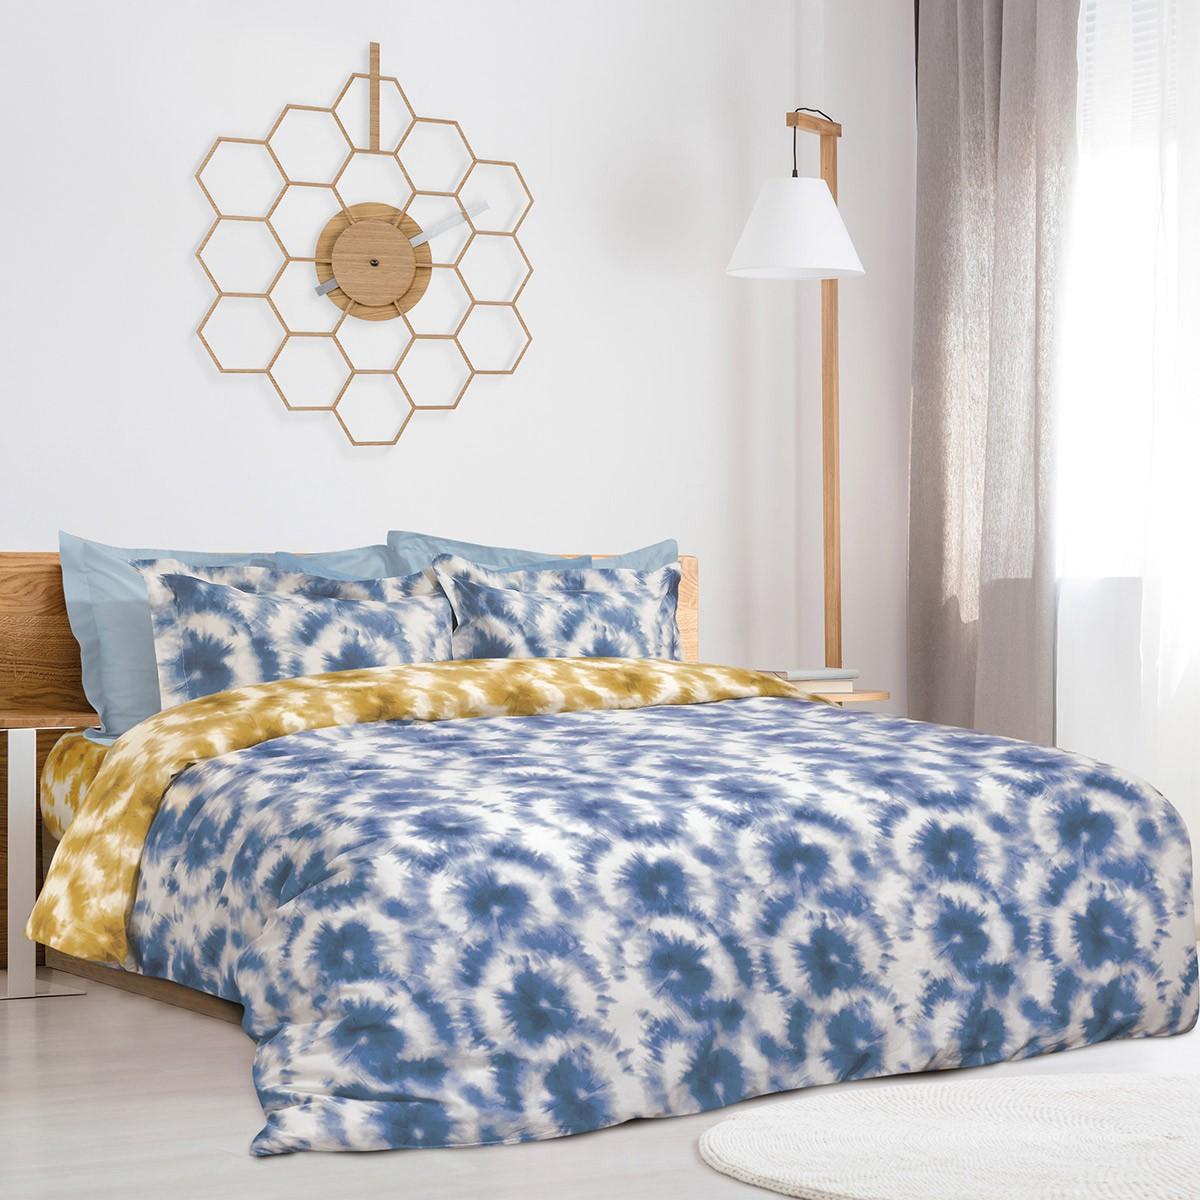 Κουβερλί Υπέρδιπλο Das Home Happy Line Prints 9413 home   κρεβατοκάμαρα   κουβερλί   κουβερλί υπέρδιπλα